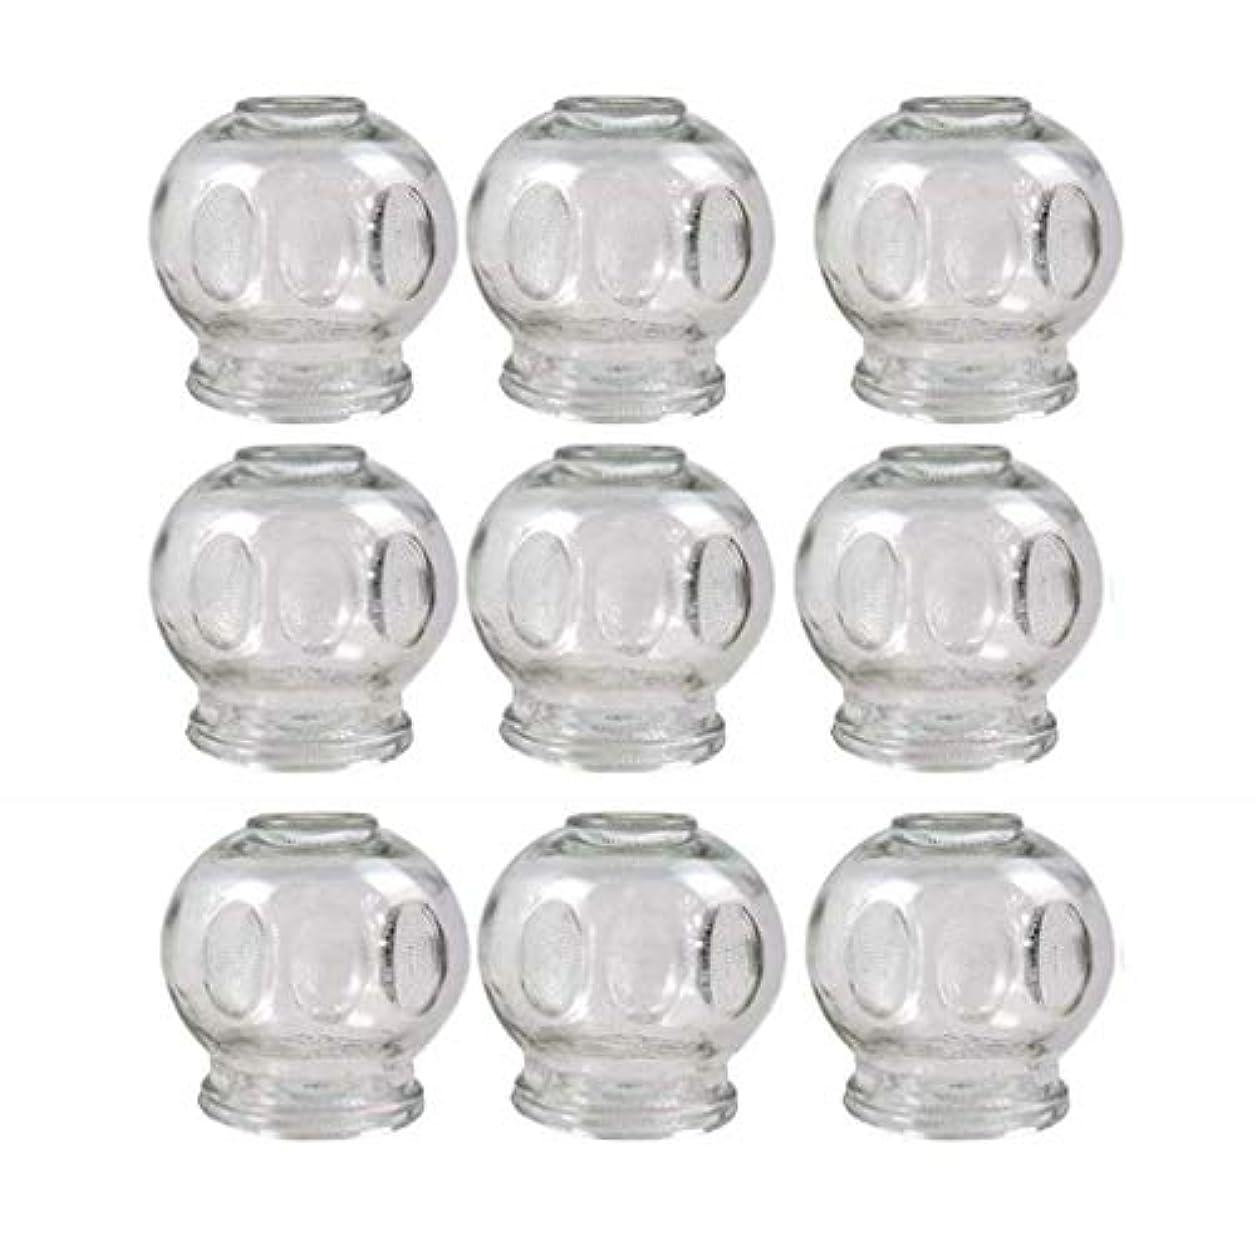 ヒール圧倒的デコレーションガラスのカッピング(消火栓)真空マッサージNewØ55 MM 9pcs